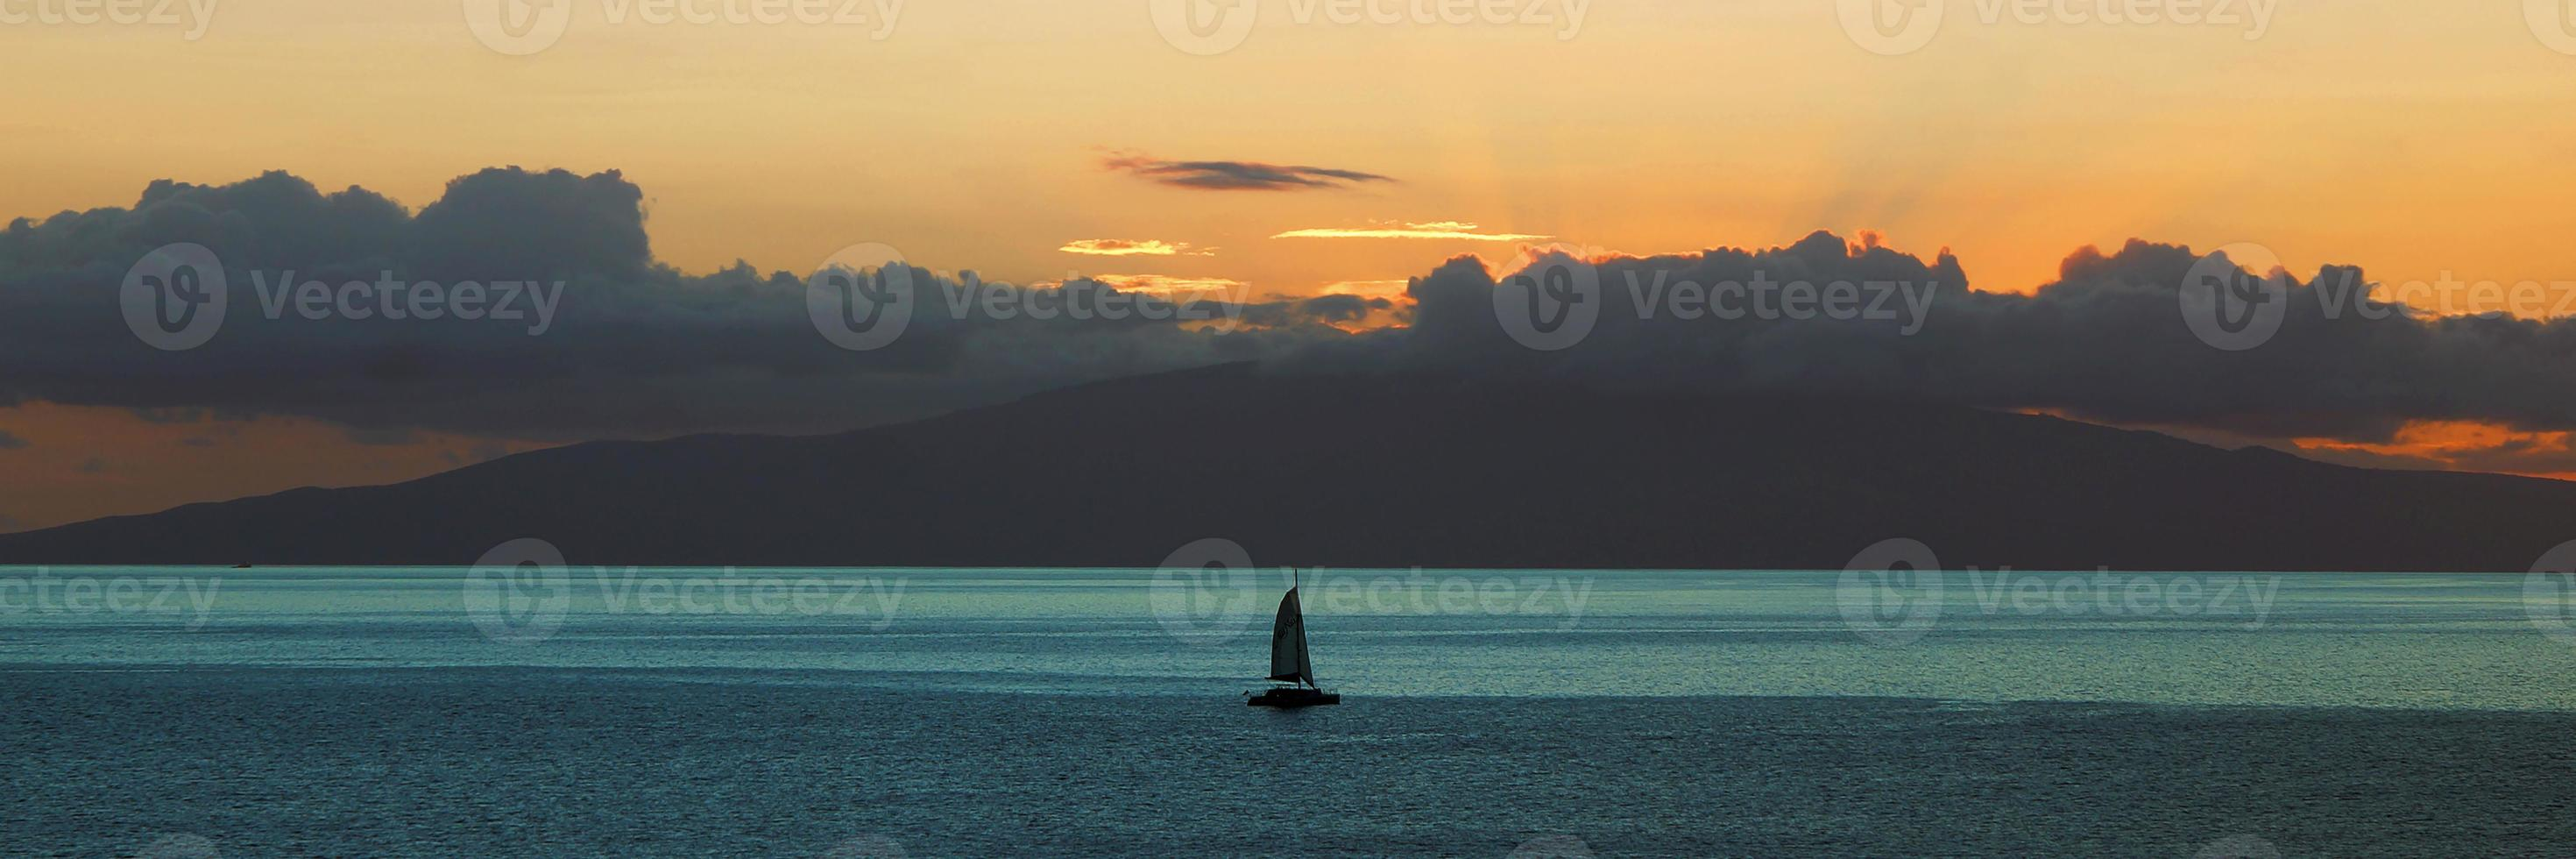 solnedgång över Stilla havet foto